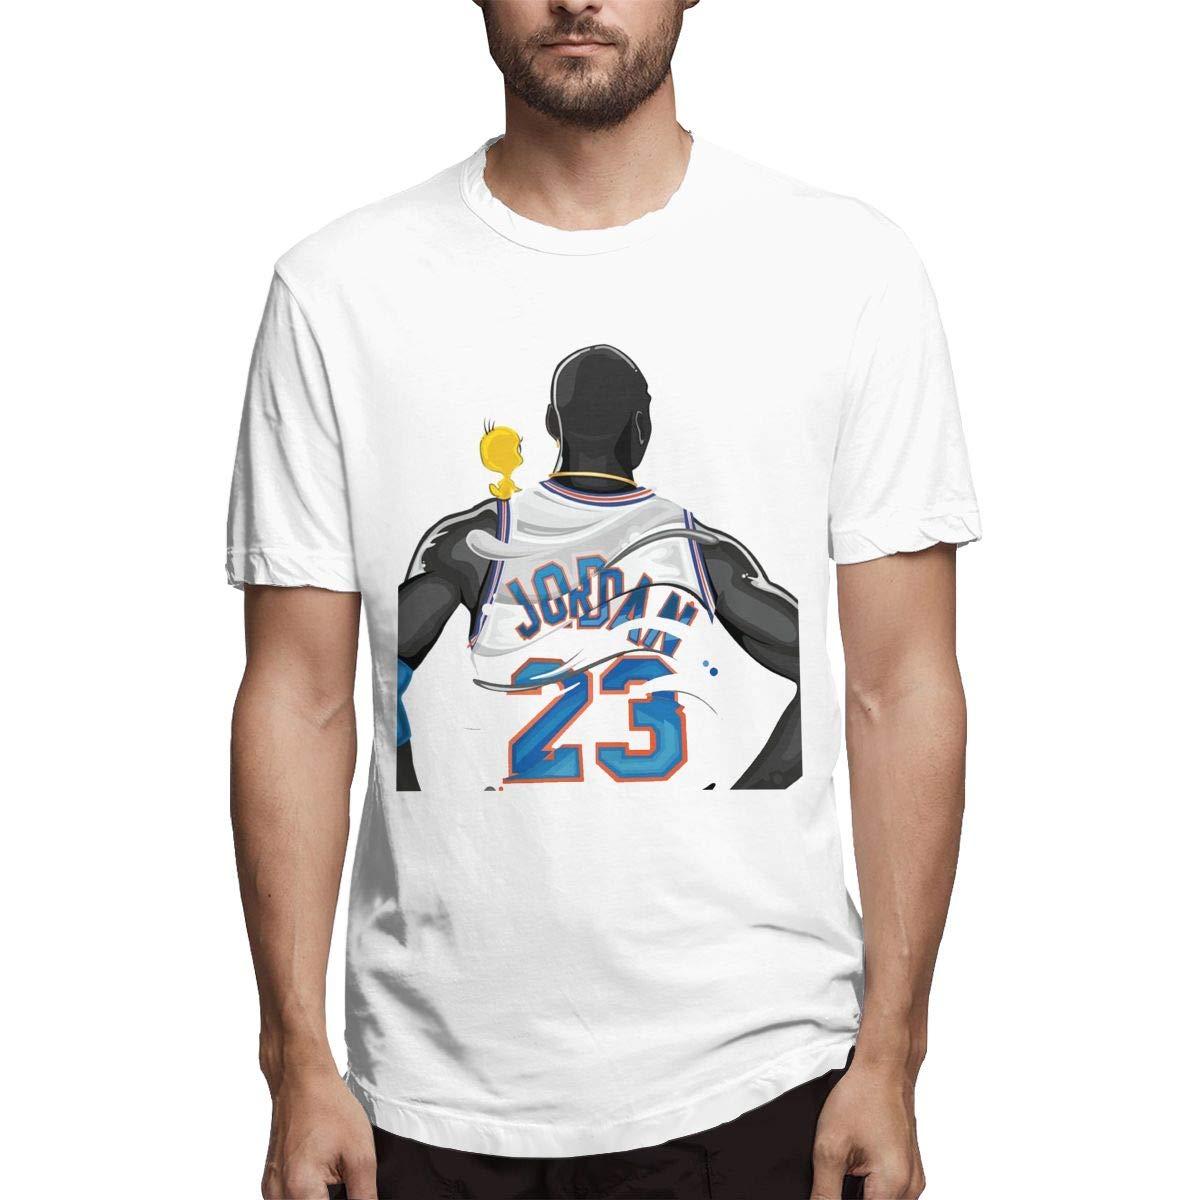 Basketball Clothing Michae L Jord An 23 T Shirt 1358